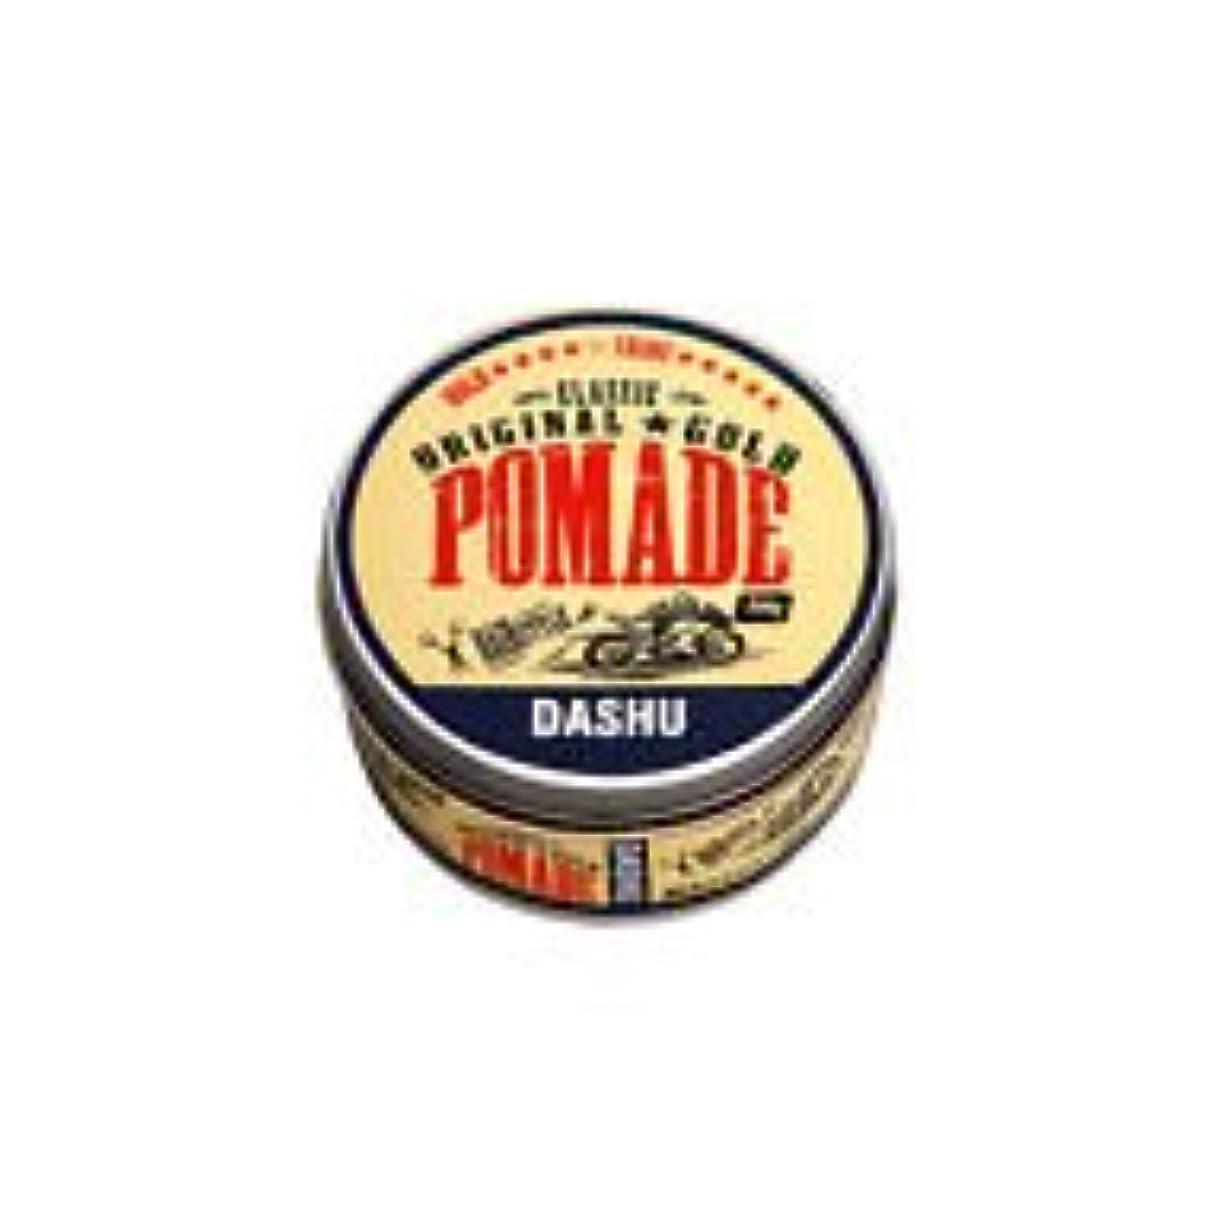 パキスタン人より良い砂漠[DASHU] ダシュ クラシックオリジナルゴールドポマードヘアワックス Classic Original Gold Pomade Hair Wax 100ml / 韓国製 . 韓国直送品